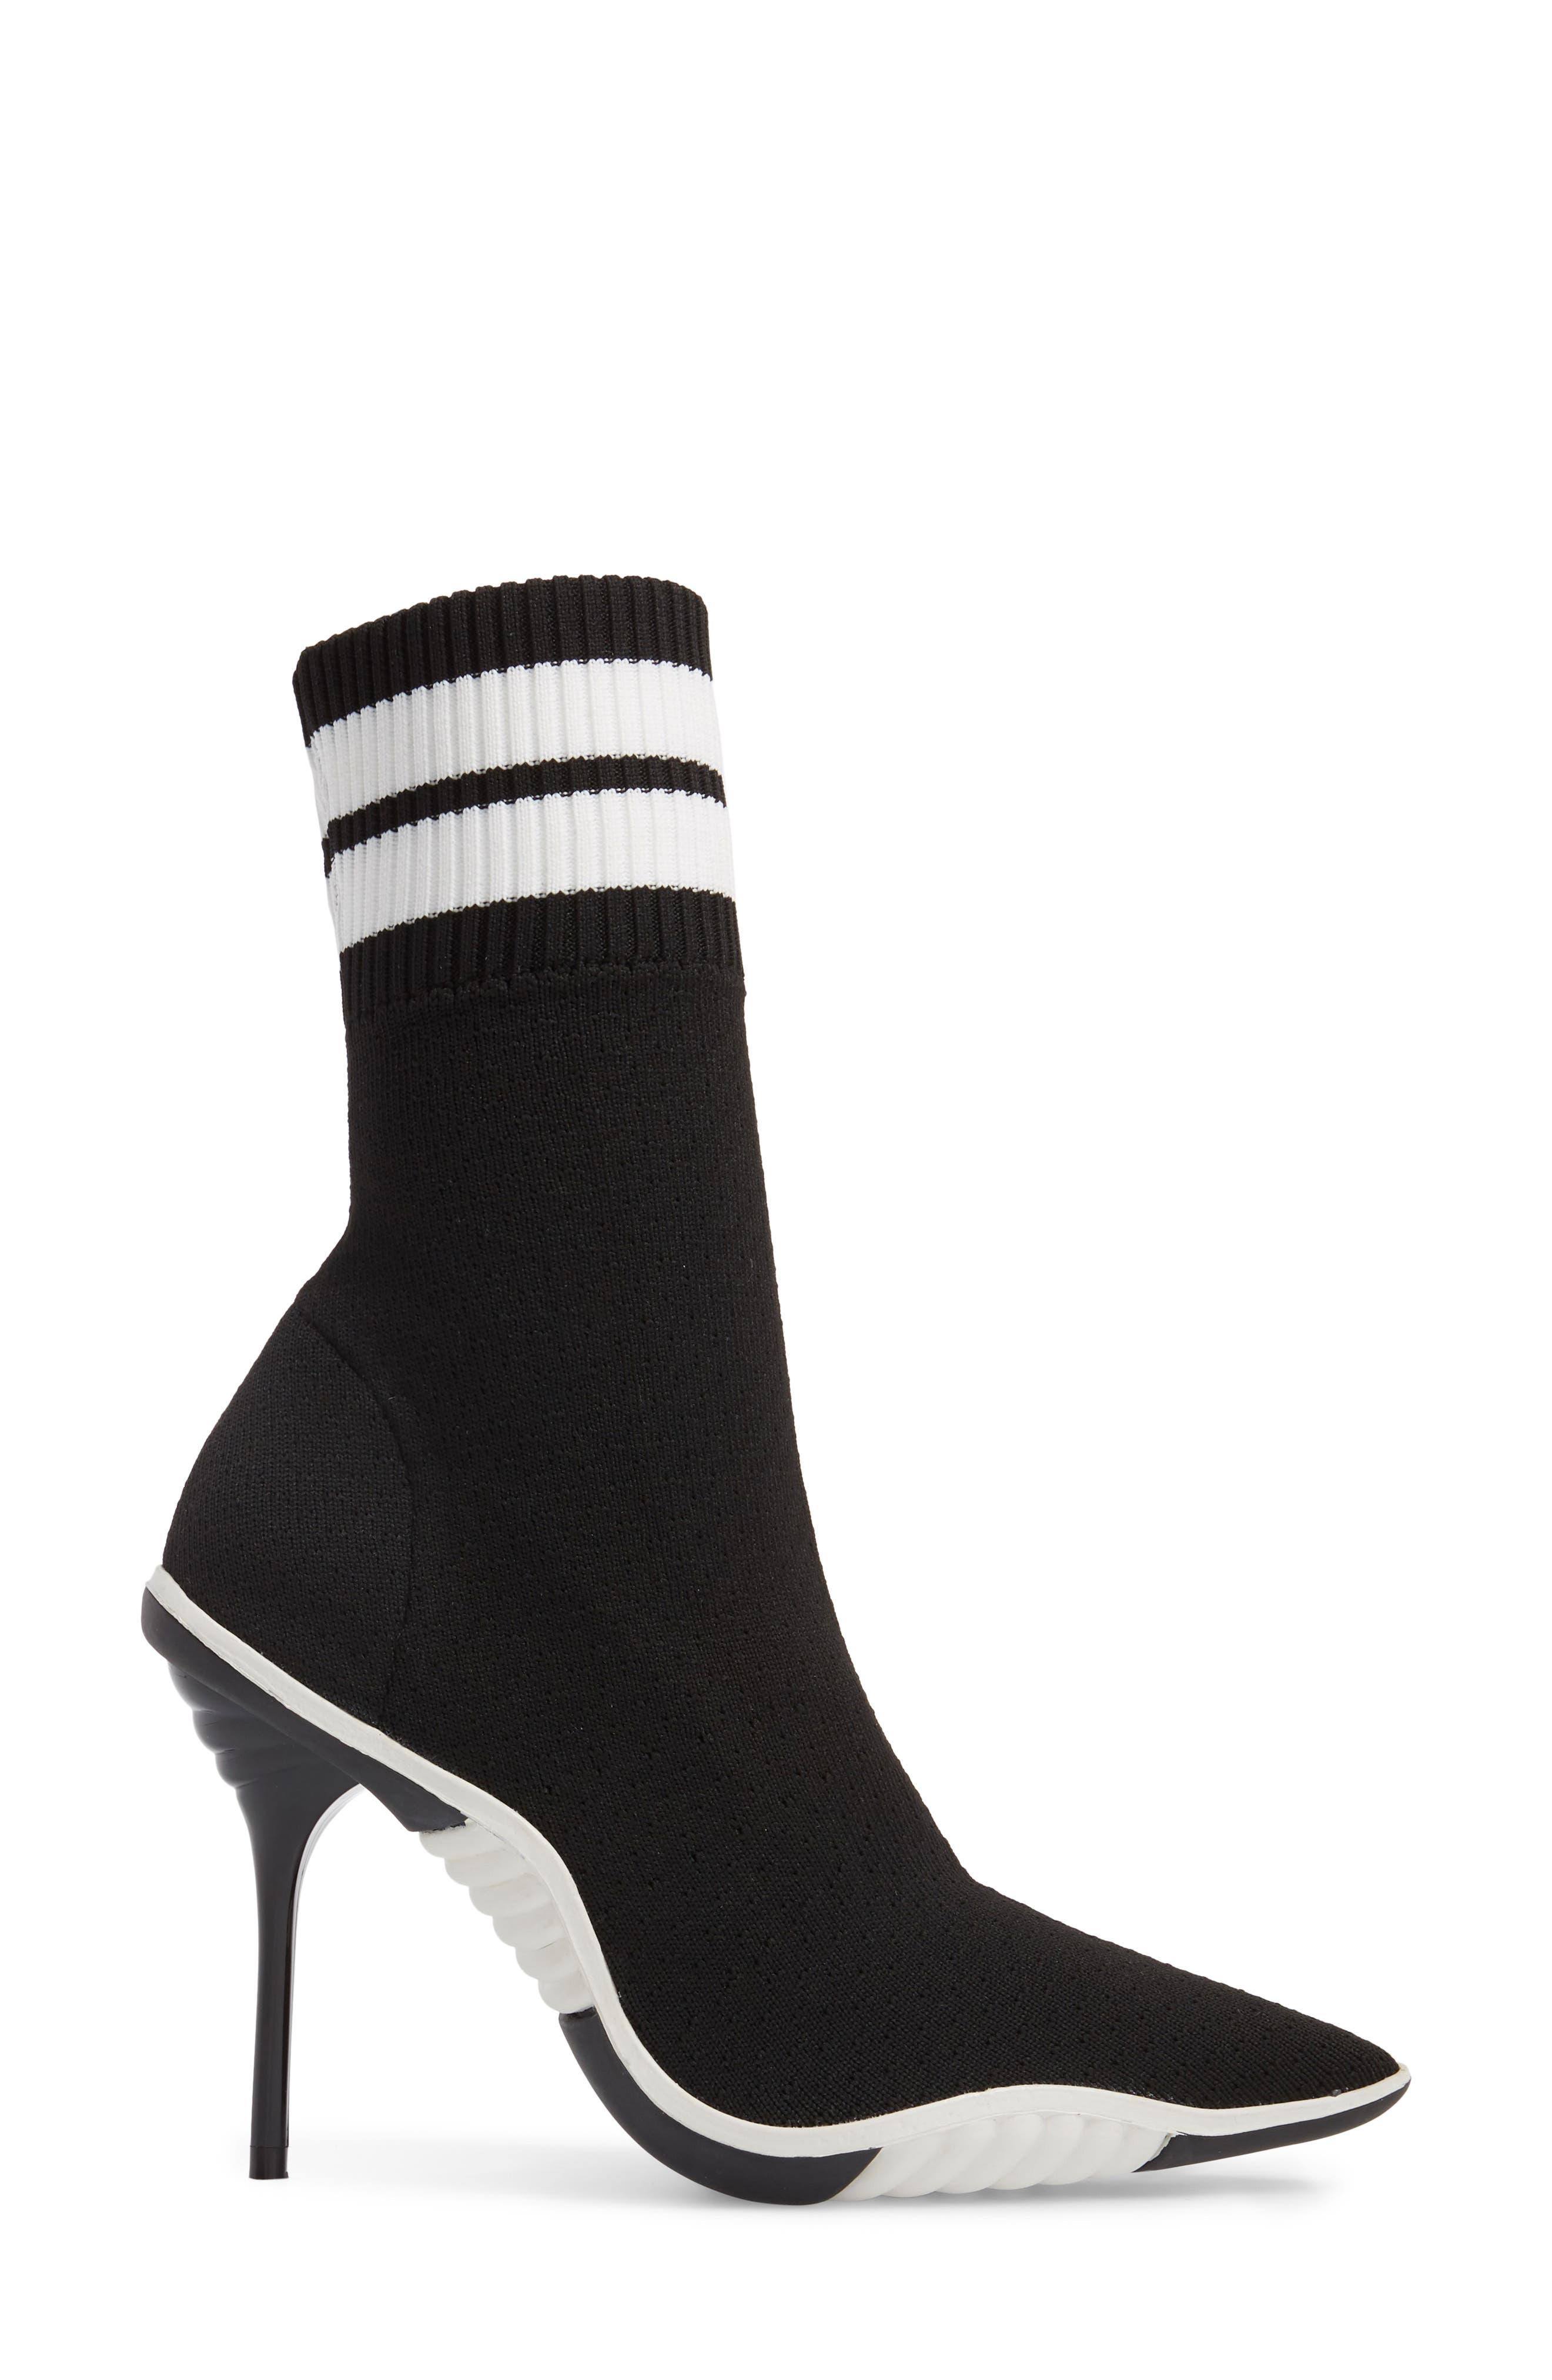 Goal Sock Sneaker Bootie,                             Alternate thumbnail 3, color,                             Black/ White Fabric